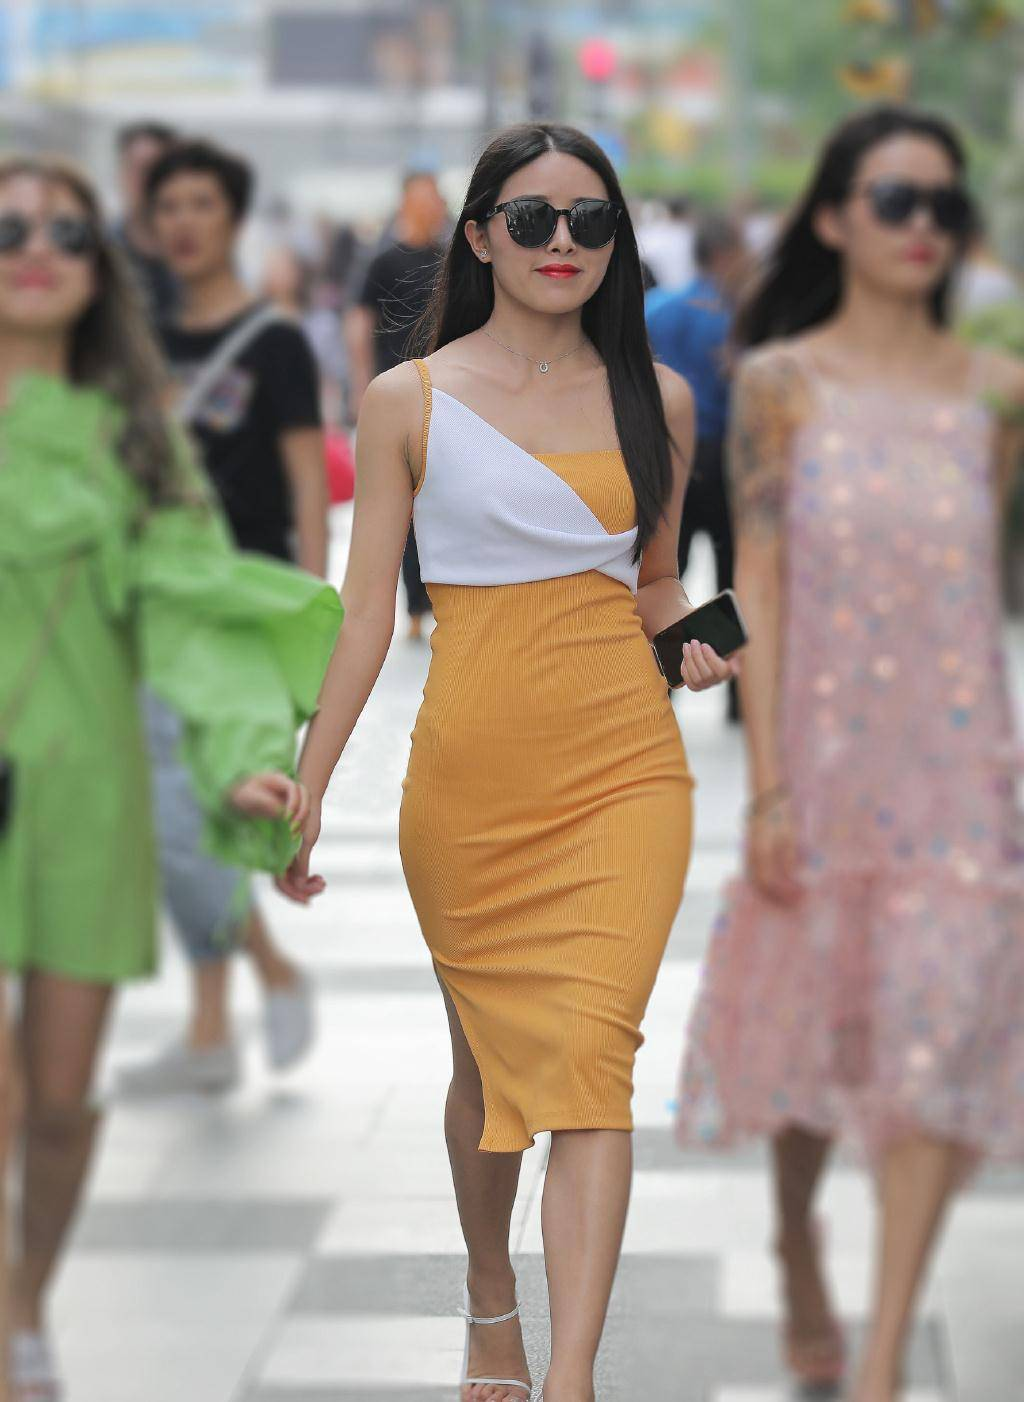 款式时尚的针织裙,兼具修身与舒适,追求出众气质的你值得一试